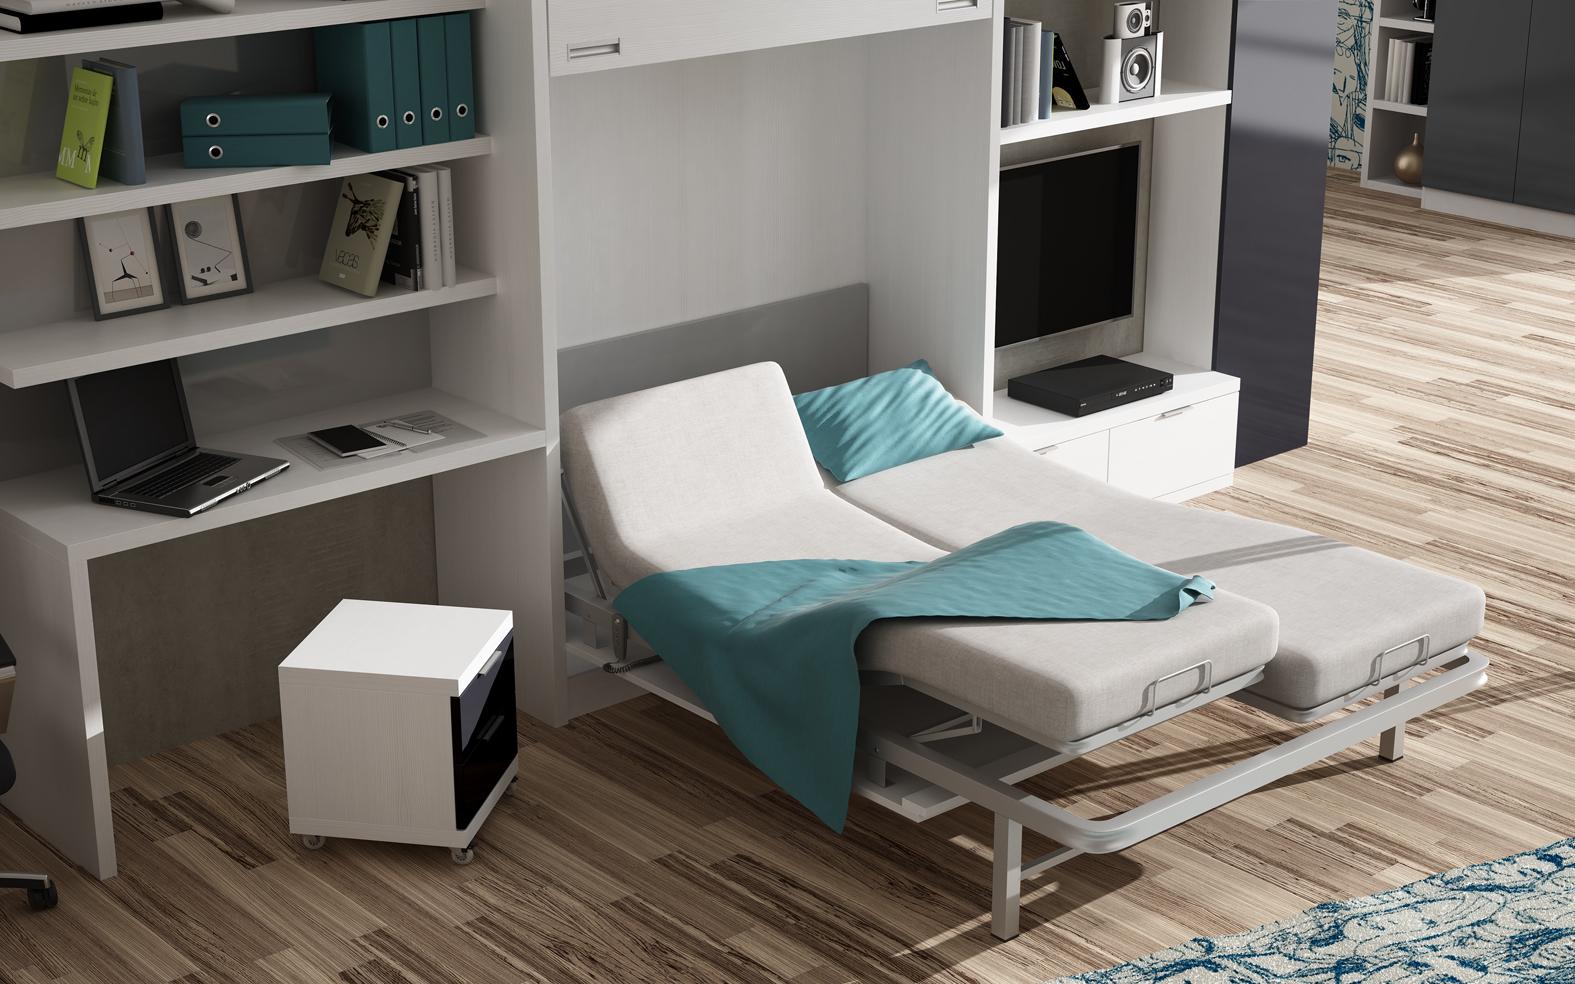 Cuanto peso soporta una cama abatible for Cama abatible